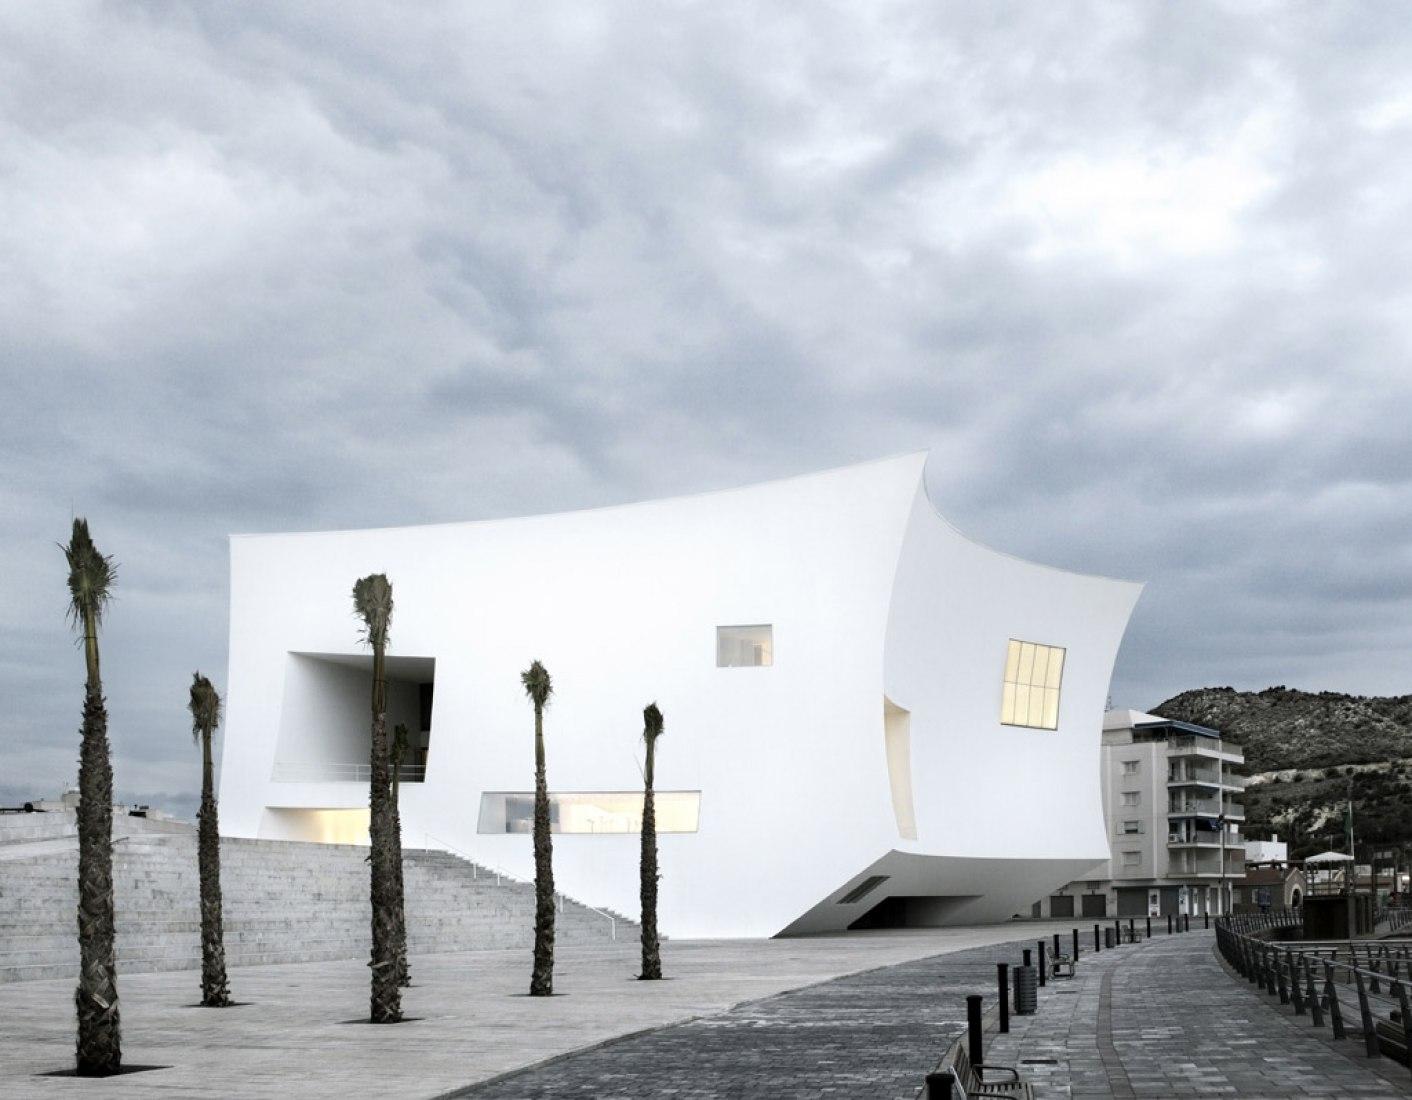 Auditorio y Palacio de Congresos Infanta Doña Elena por Estudio Barozzi Veiga. Fotografía por Mariela Apollonio